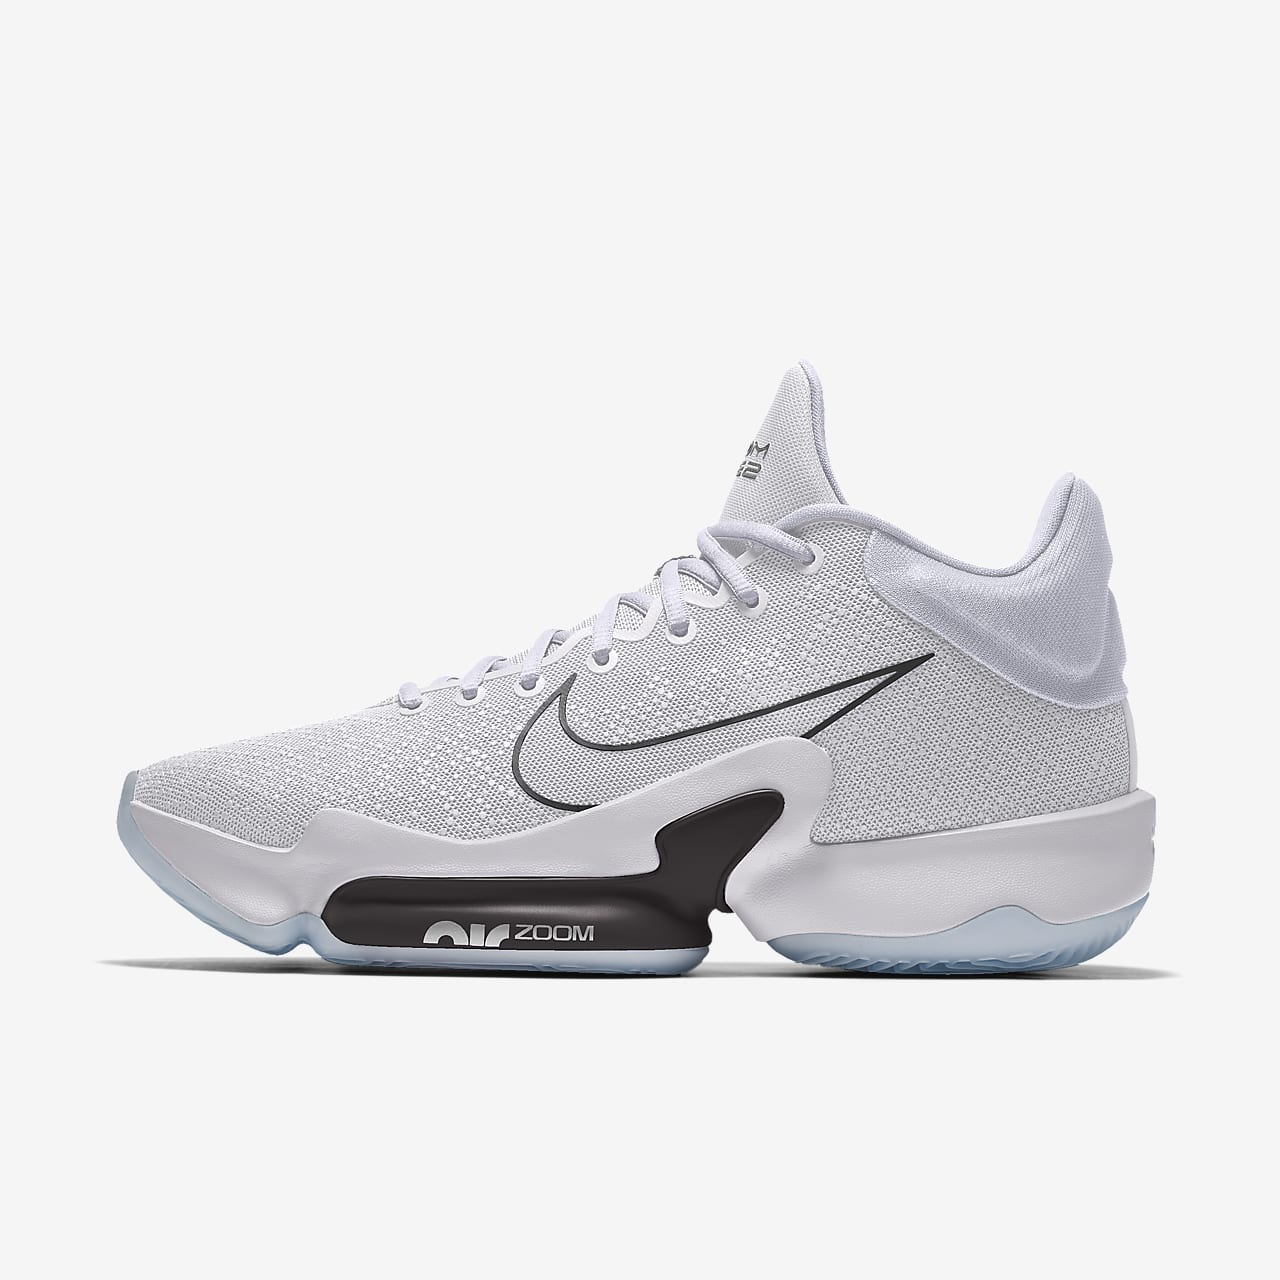 Nike Zoom Rize 2 By You Custom Basketball Shoe